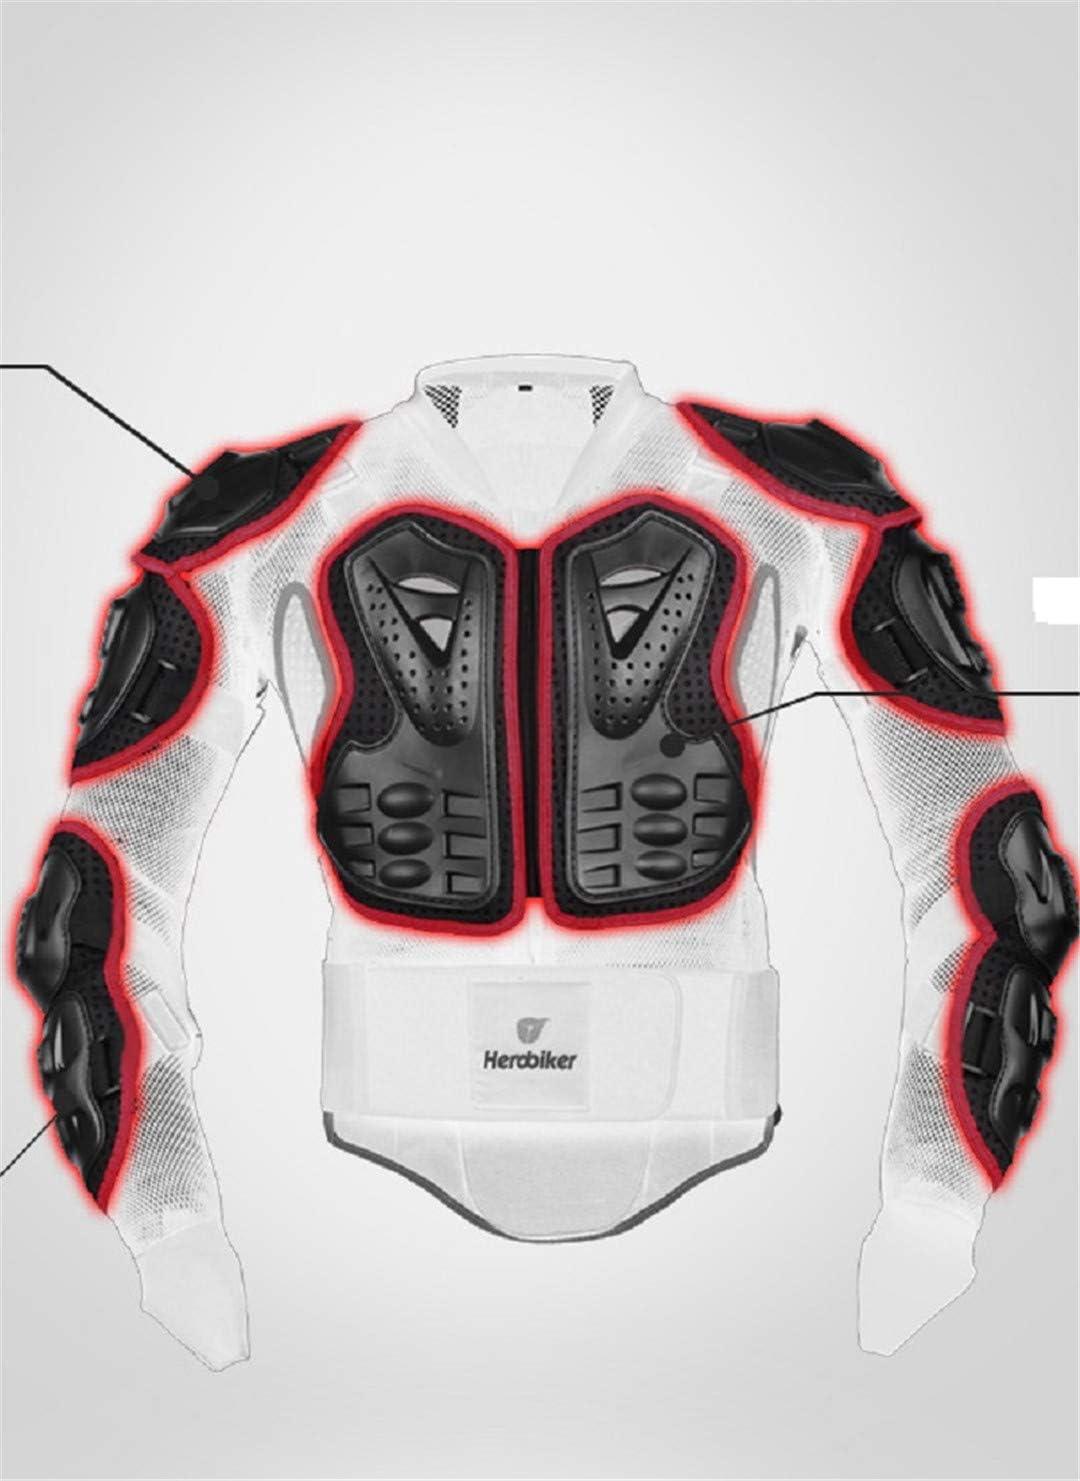 Fuluoyin Motorrad Protektorenjacke Anzug Panzer Protektorenhemd Mit Hose Kniechüzer Handschuhe Für Radfahren Reiten Motorrad Fahren Schilaufeh S 5xl Sport Freizeit